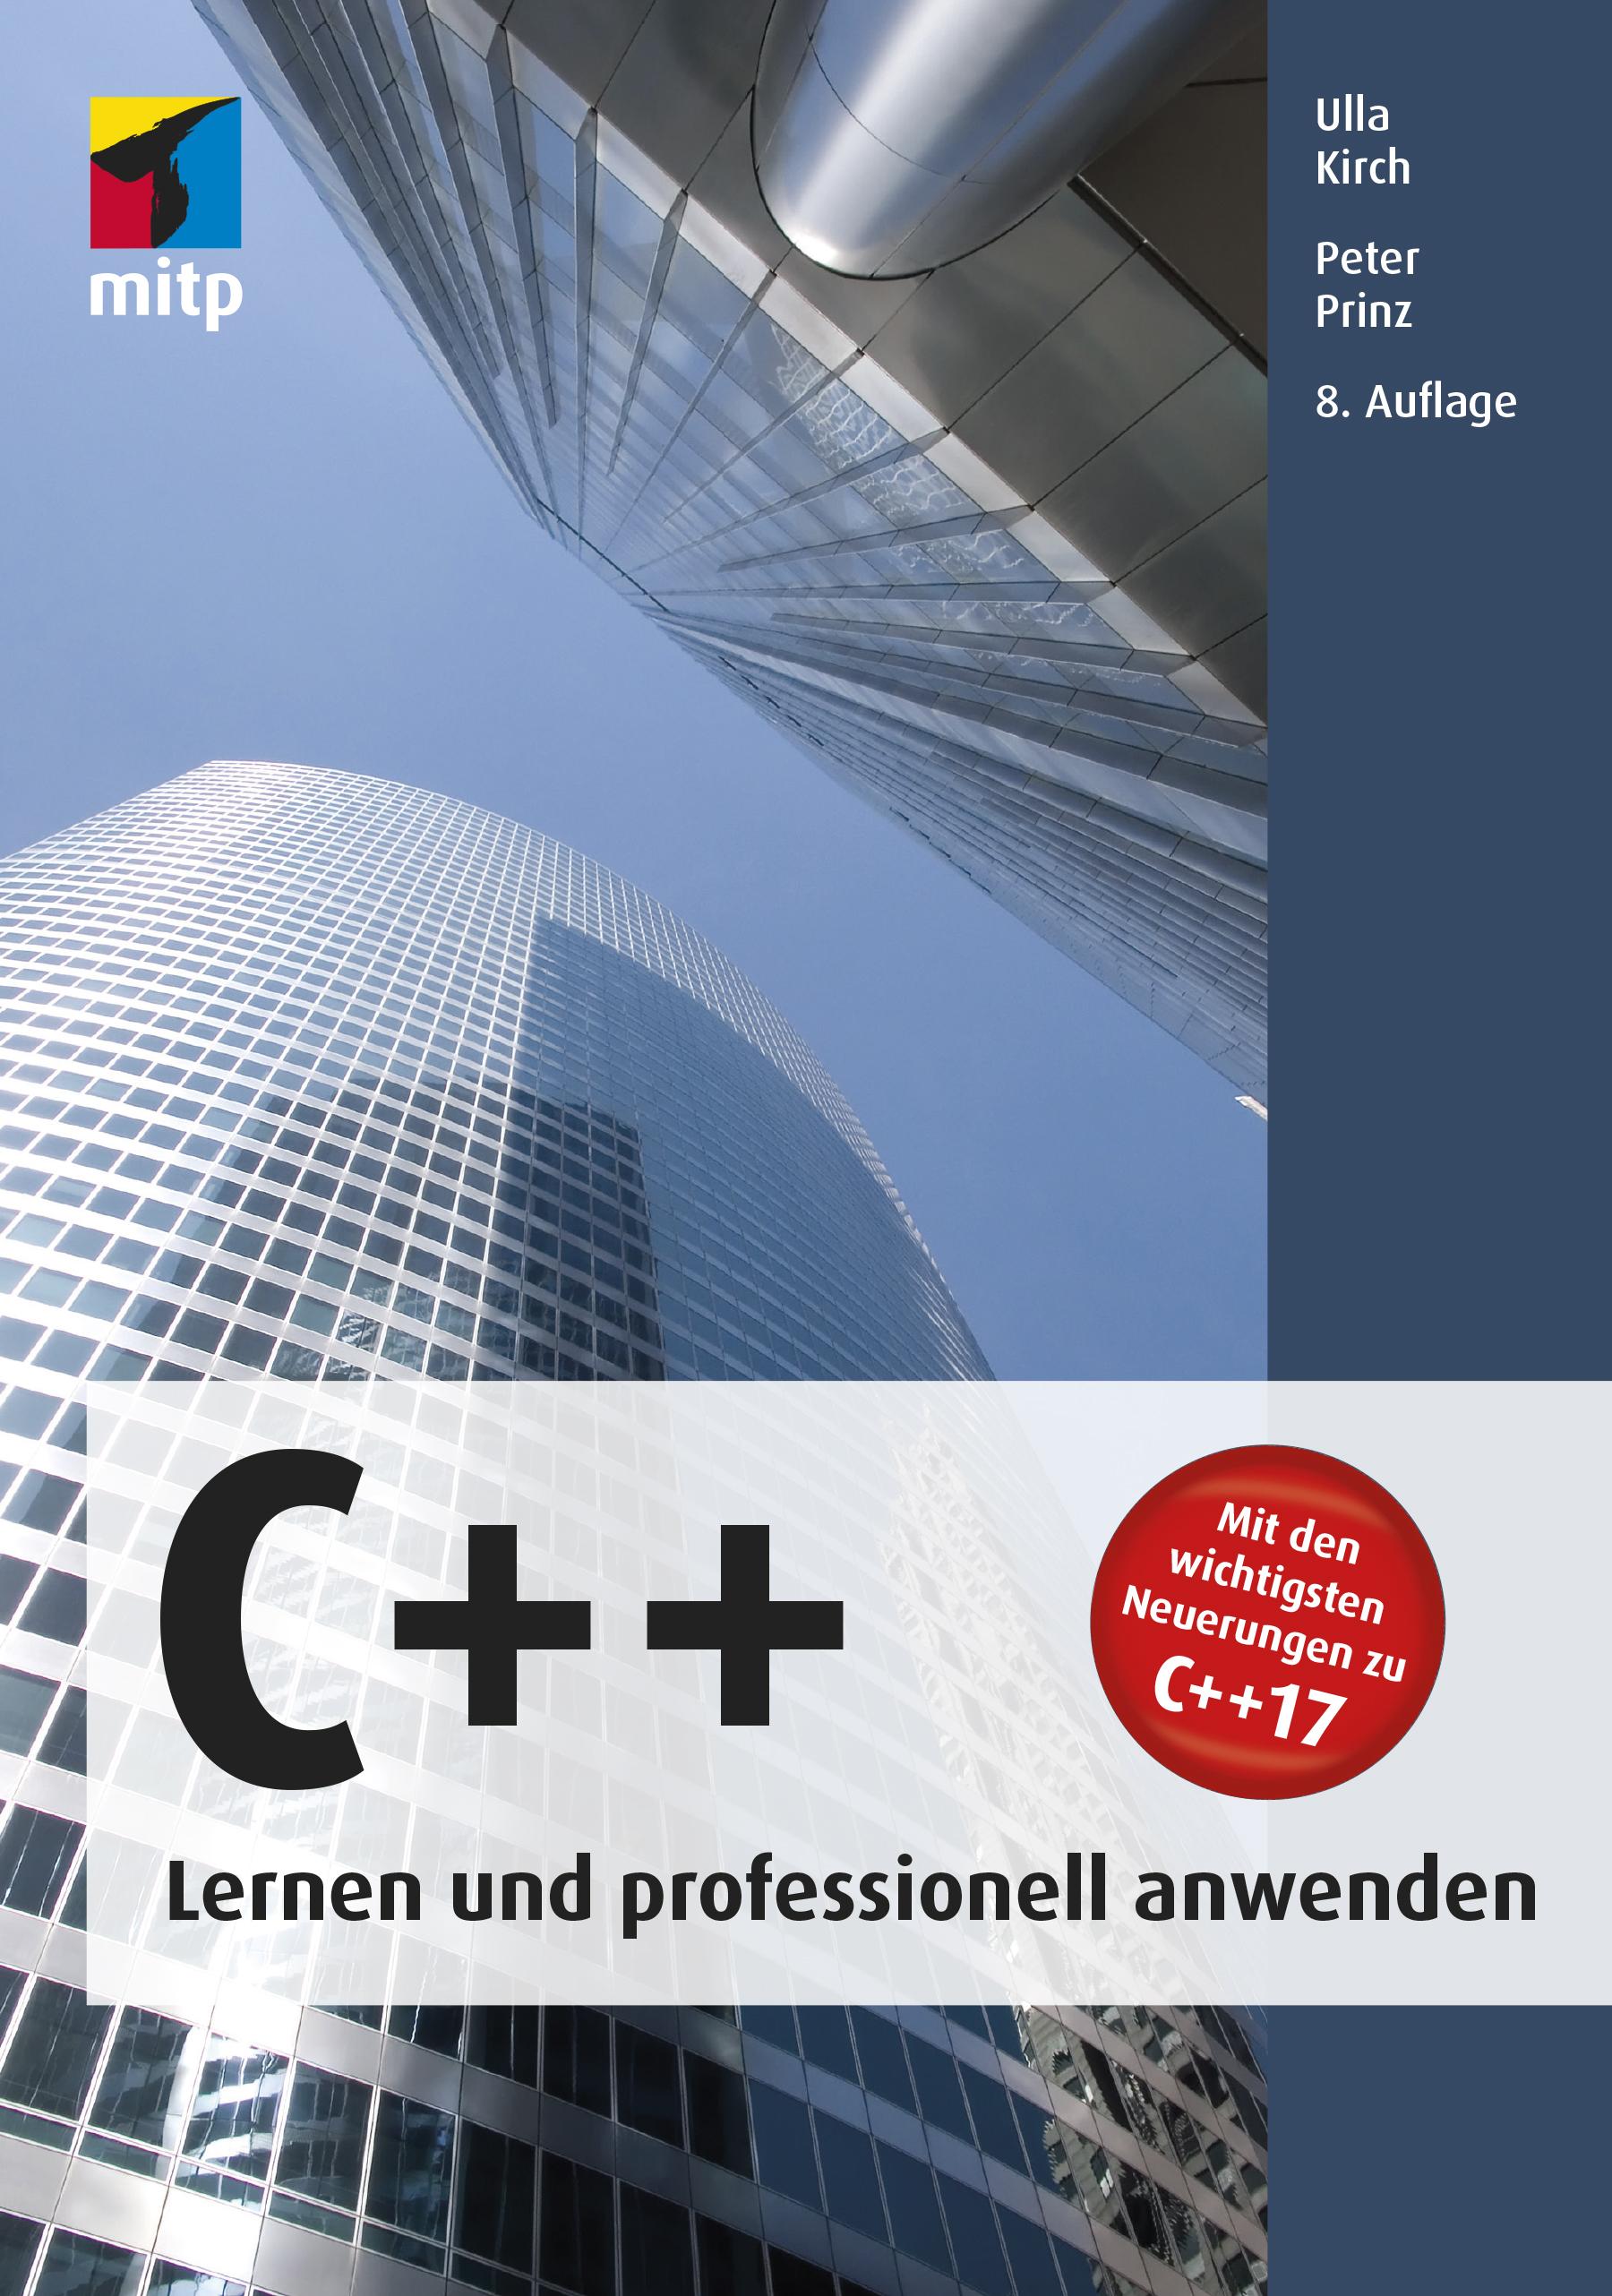 C++ – Lernen und professionell anwenden